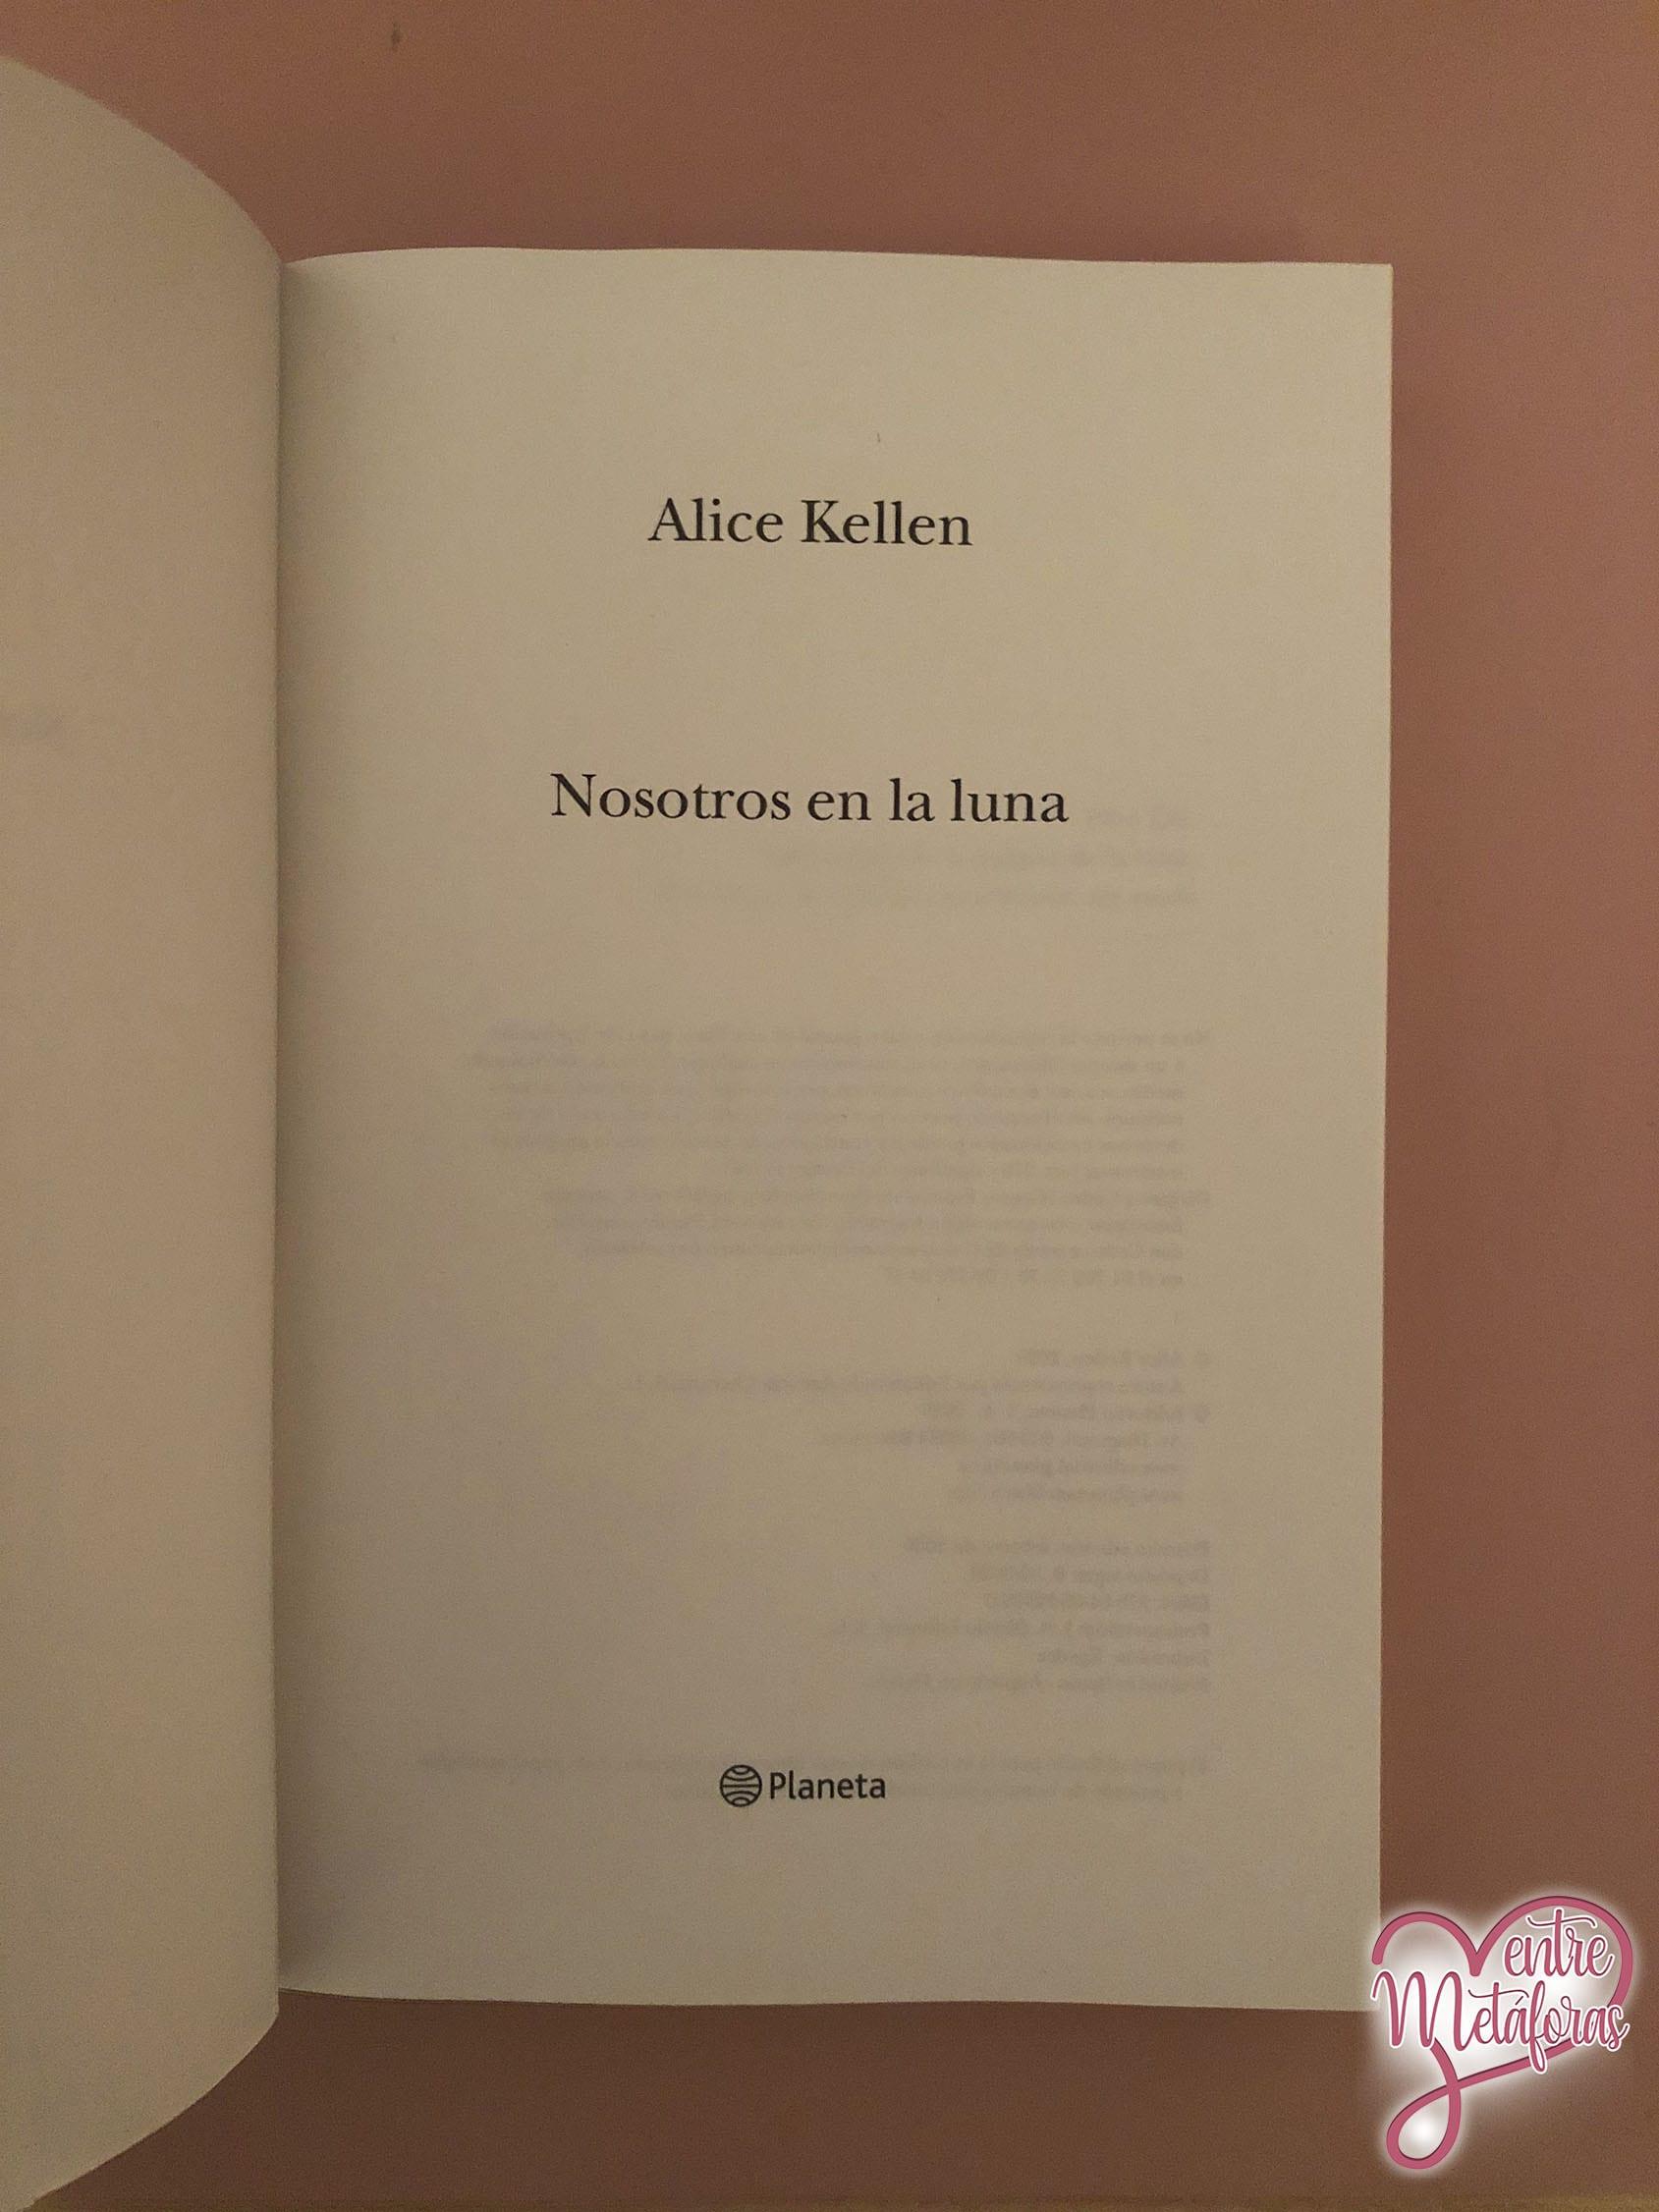 Nosotros en la luna, de Alice Kellen - Reseña